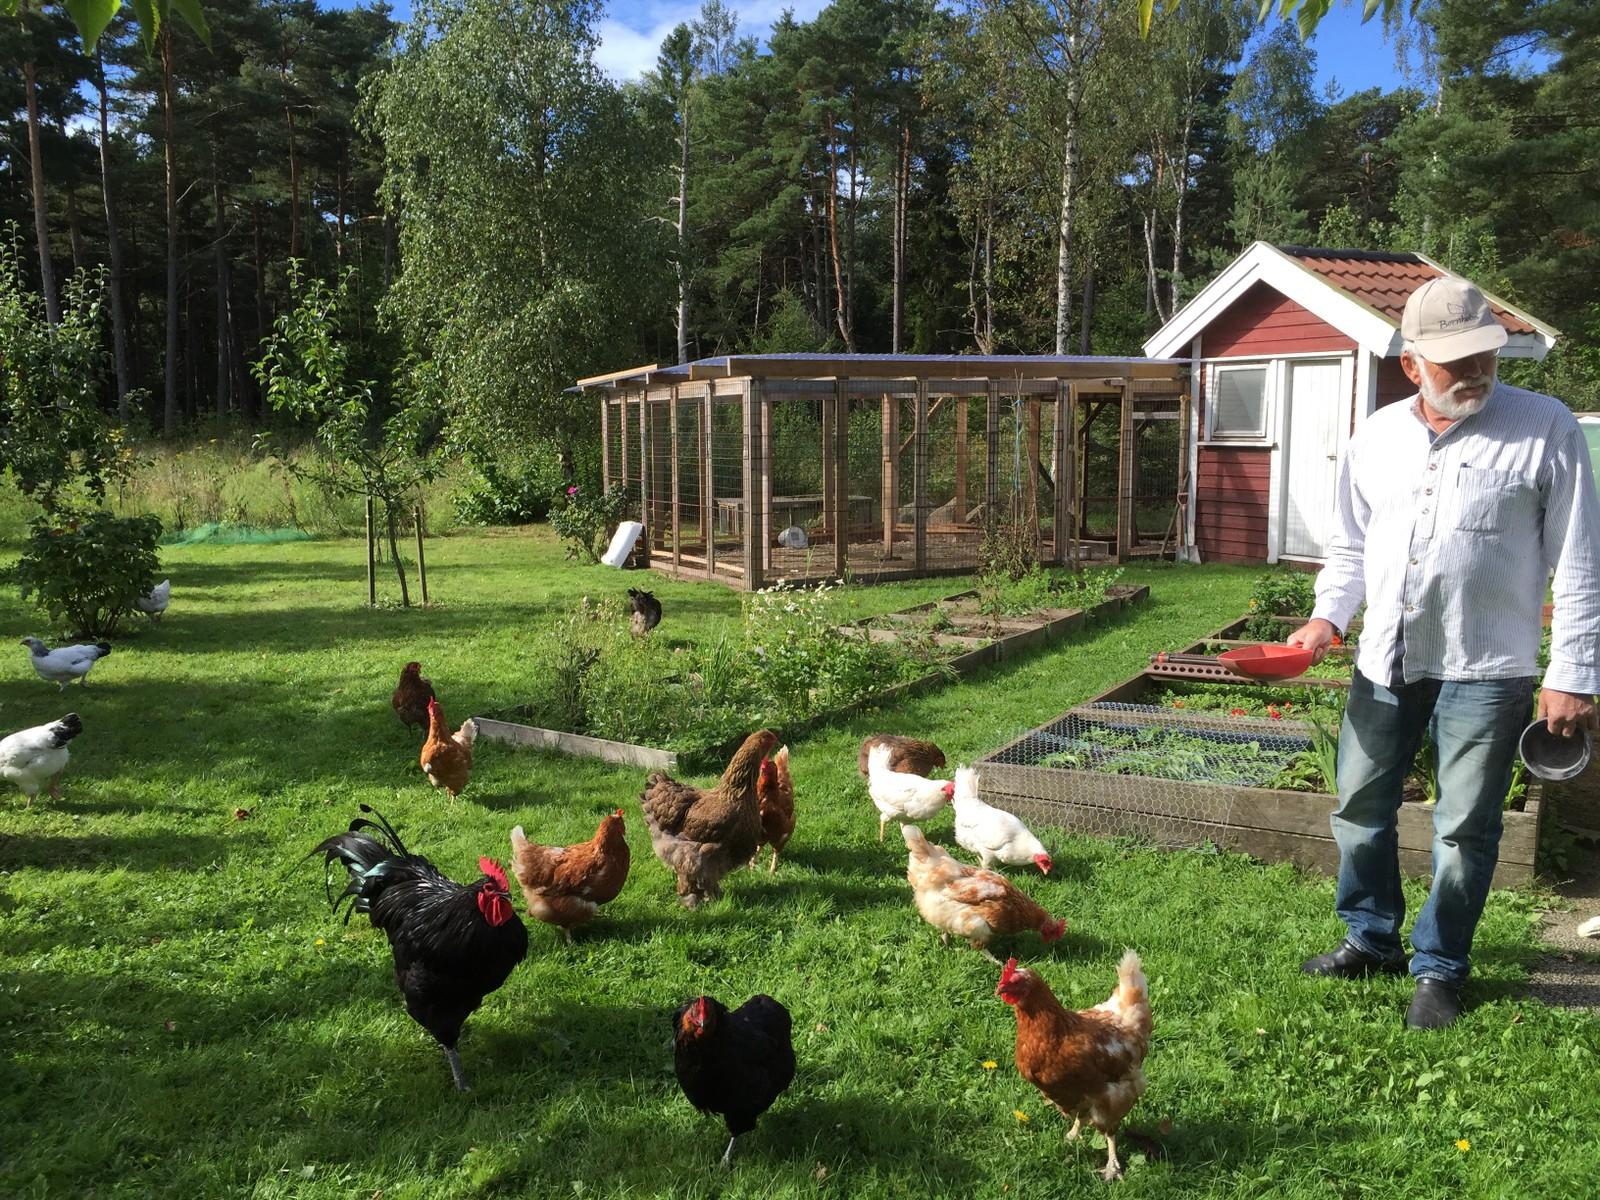 Sveins høner har det godt. Hønemøkk er gratis gjødsel.